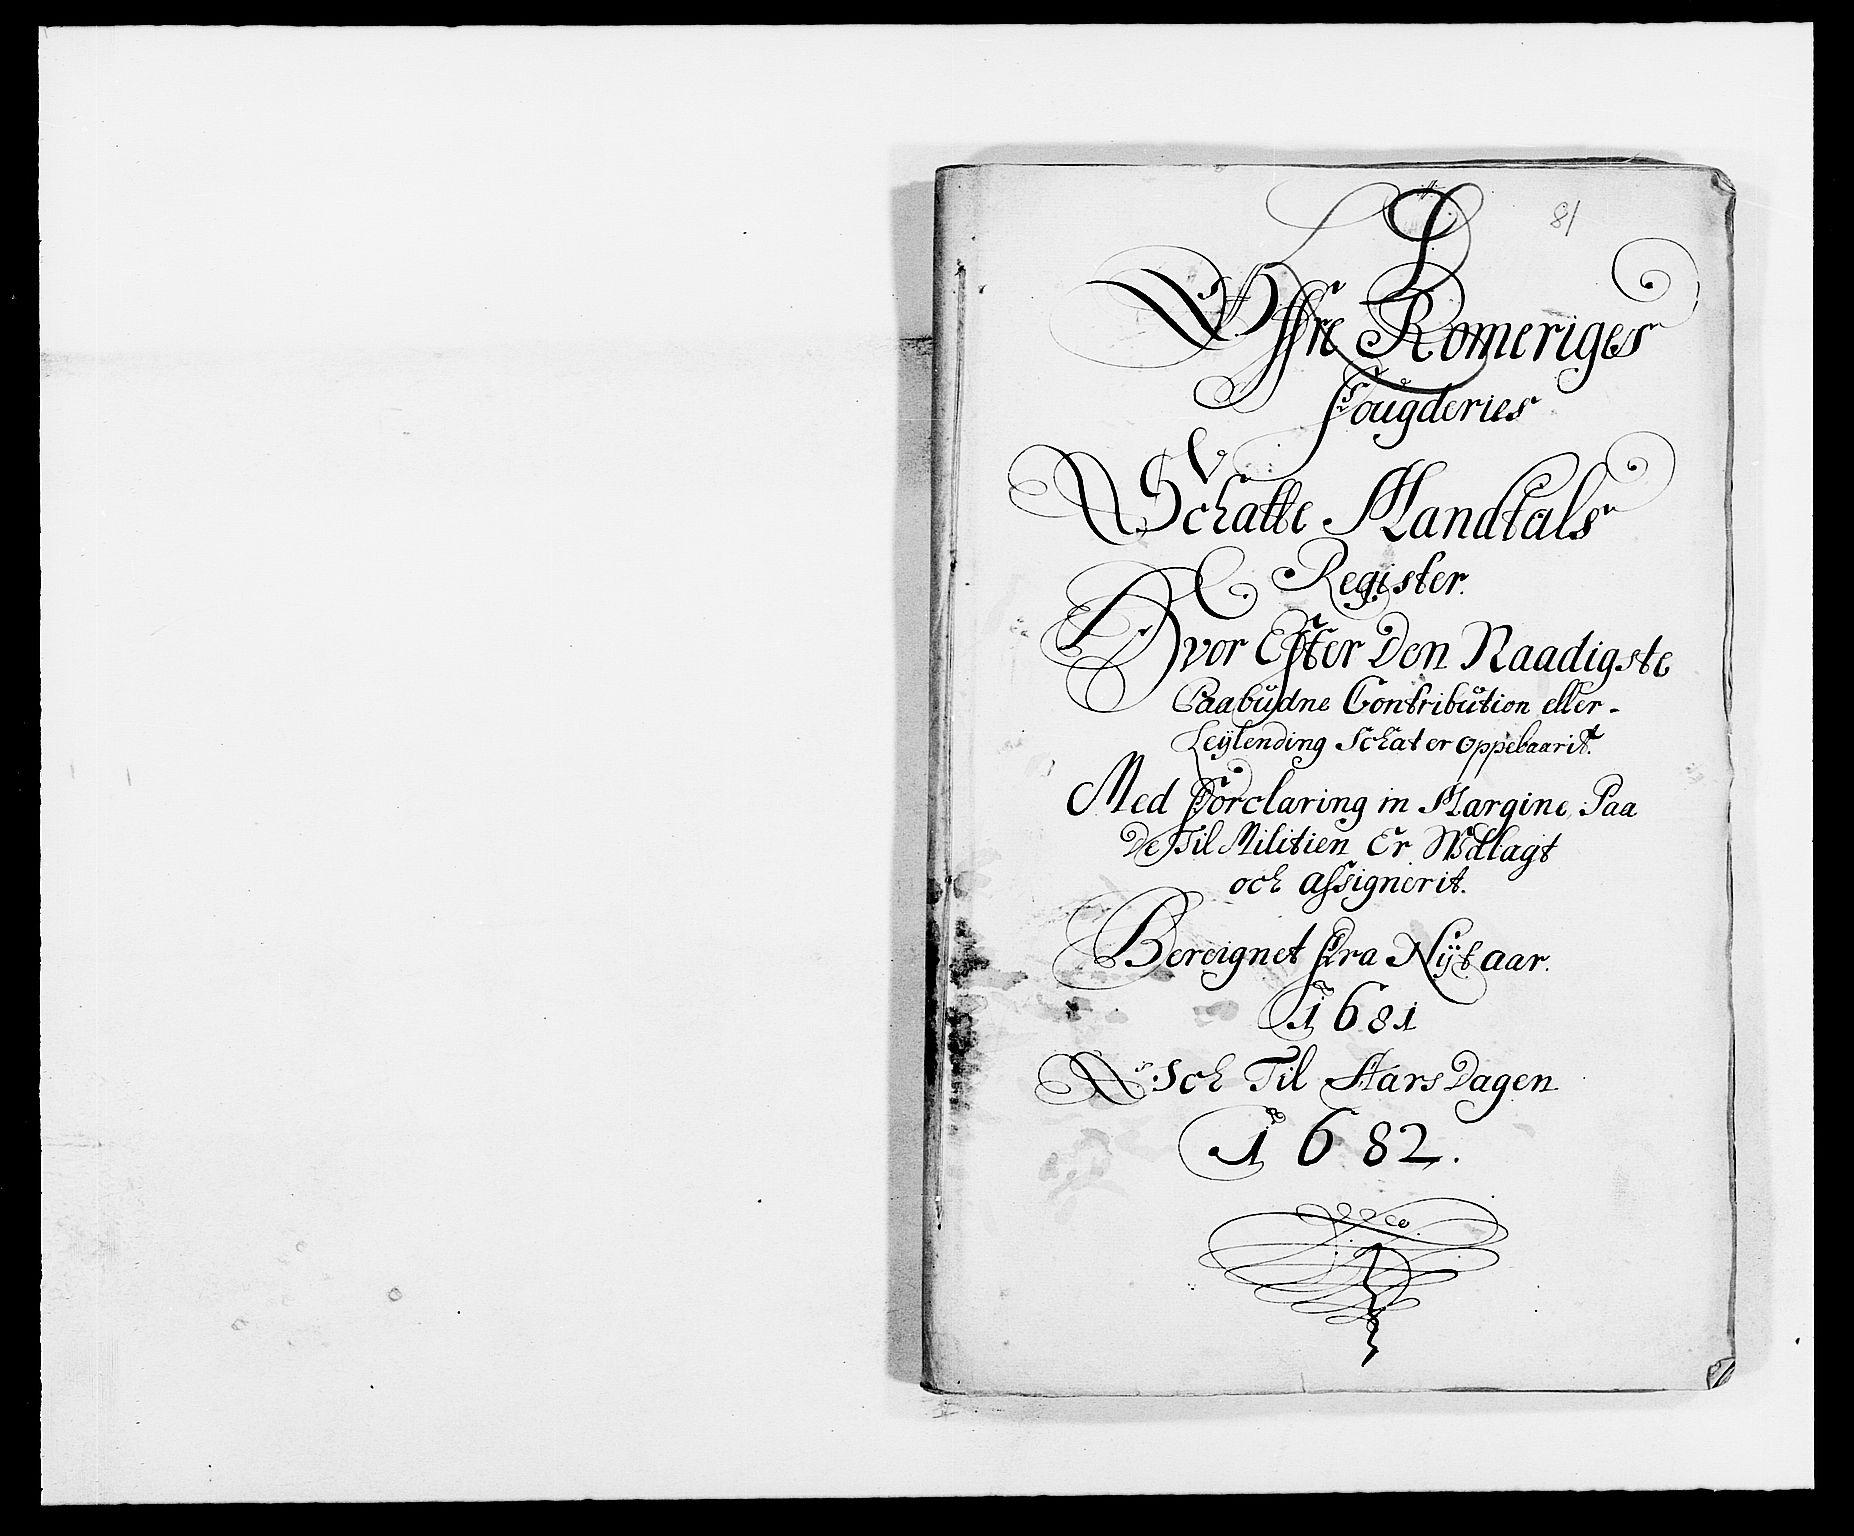 RA, Rentekammeret inntil 1814, Reviderte regnskaper, Fogderegnskap, R12/L0696: Fogderegnskap Øvre Romerike, 1681, s. 100